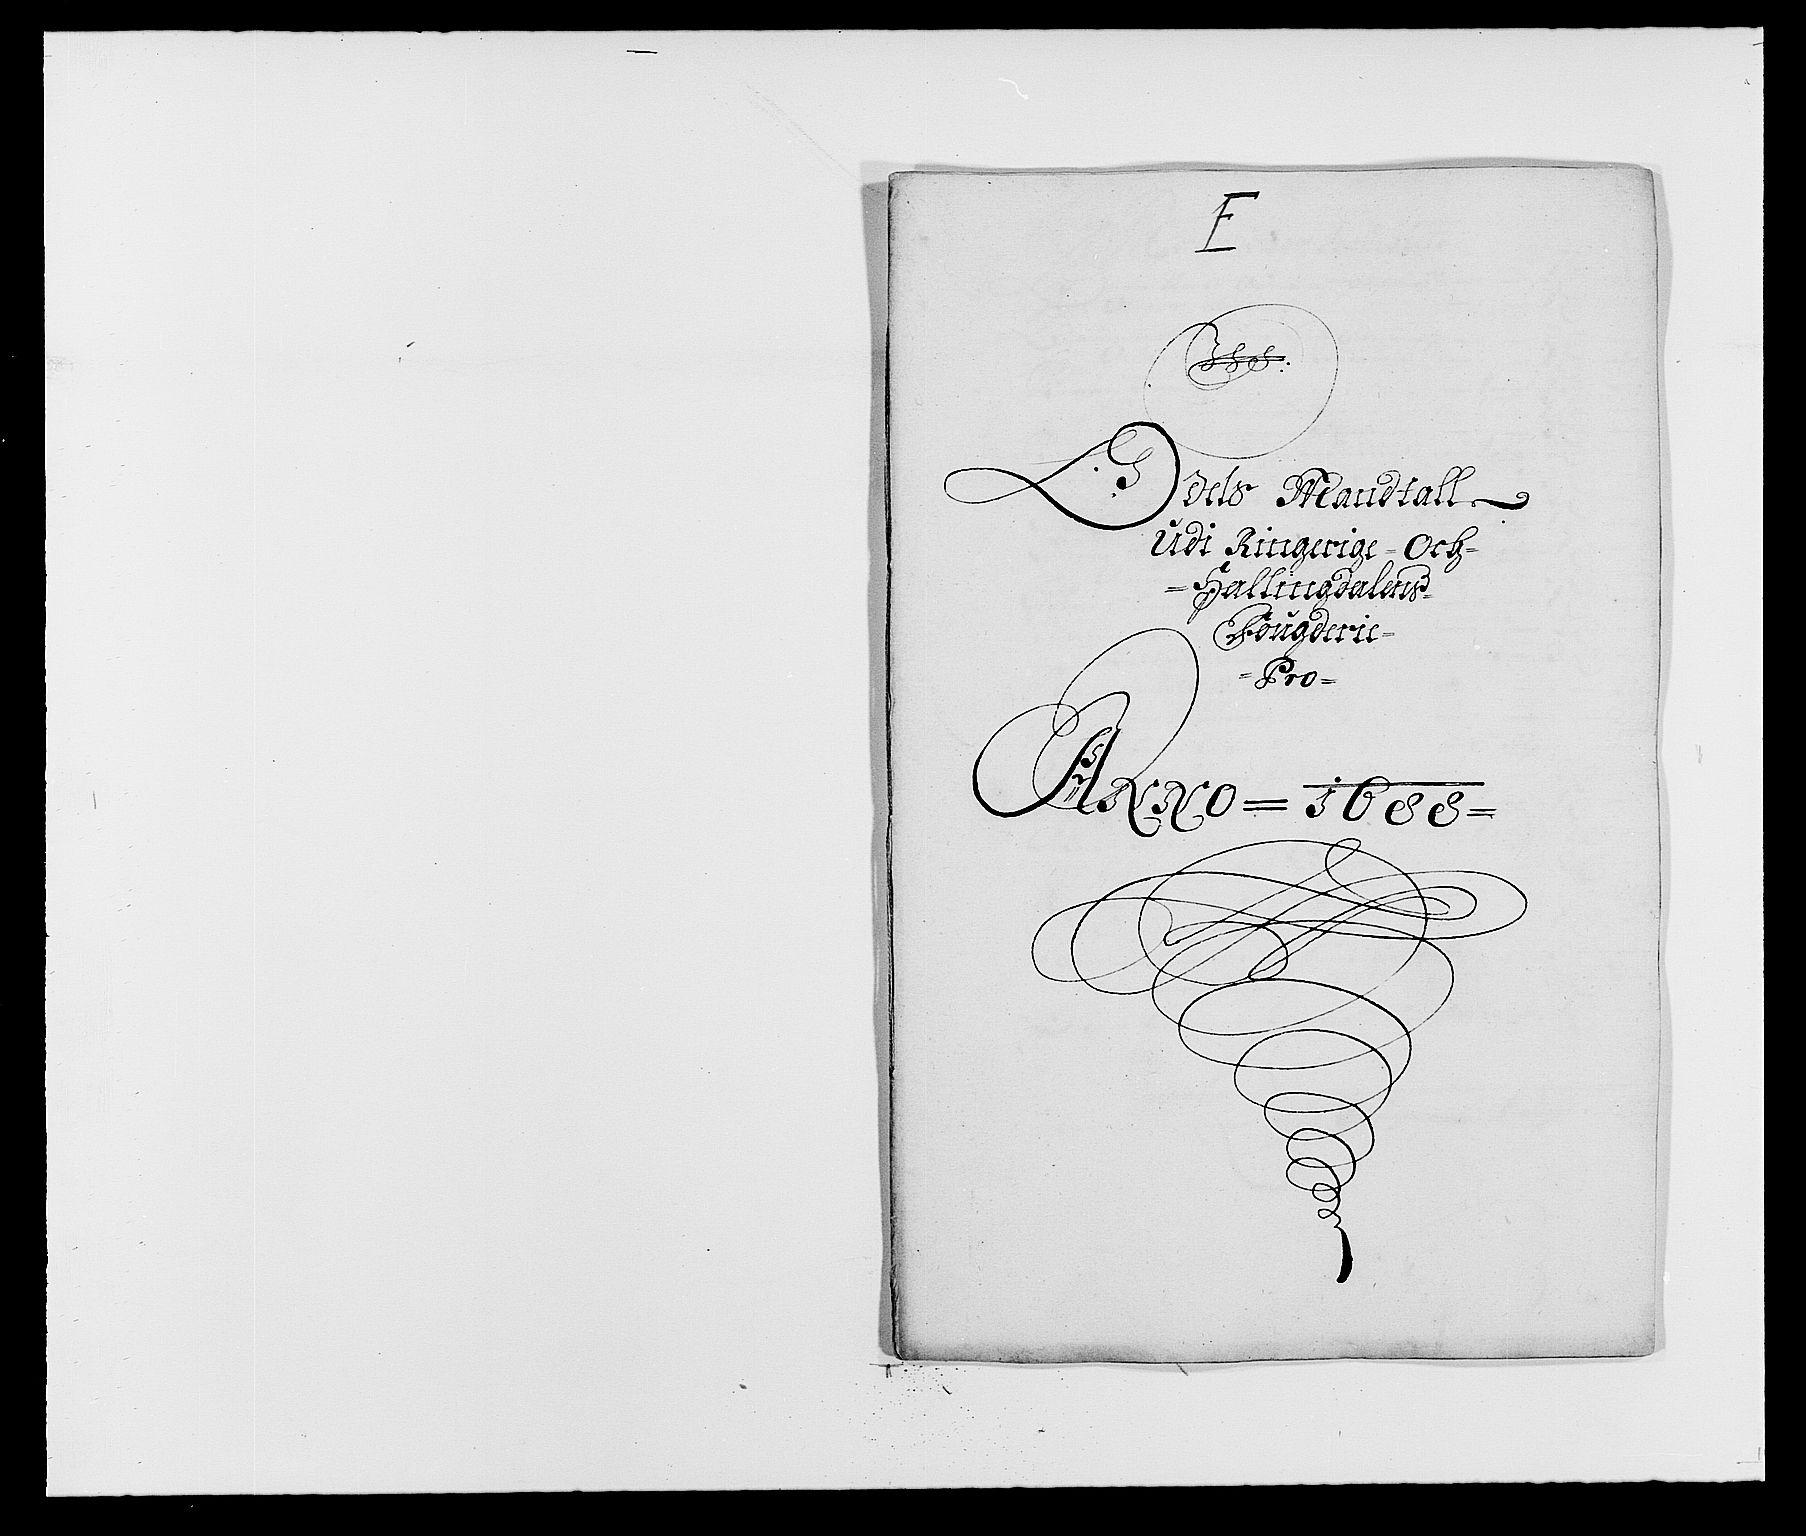 RA, Rentekammeret inntil 1814, Reviderte regnskaper, Fogderegnskap, R21/L1447: Fogderegnskap Ringerike og Hallingdal, 1687-1689, s. 164